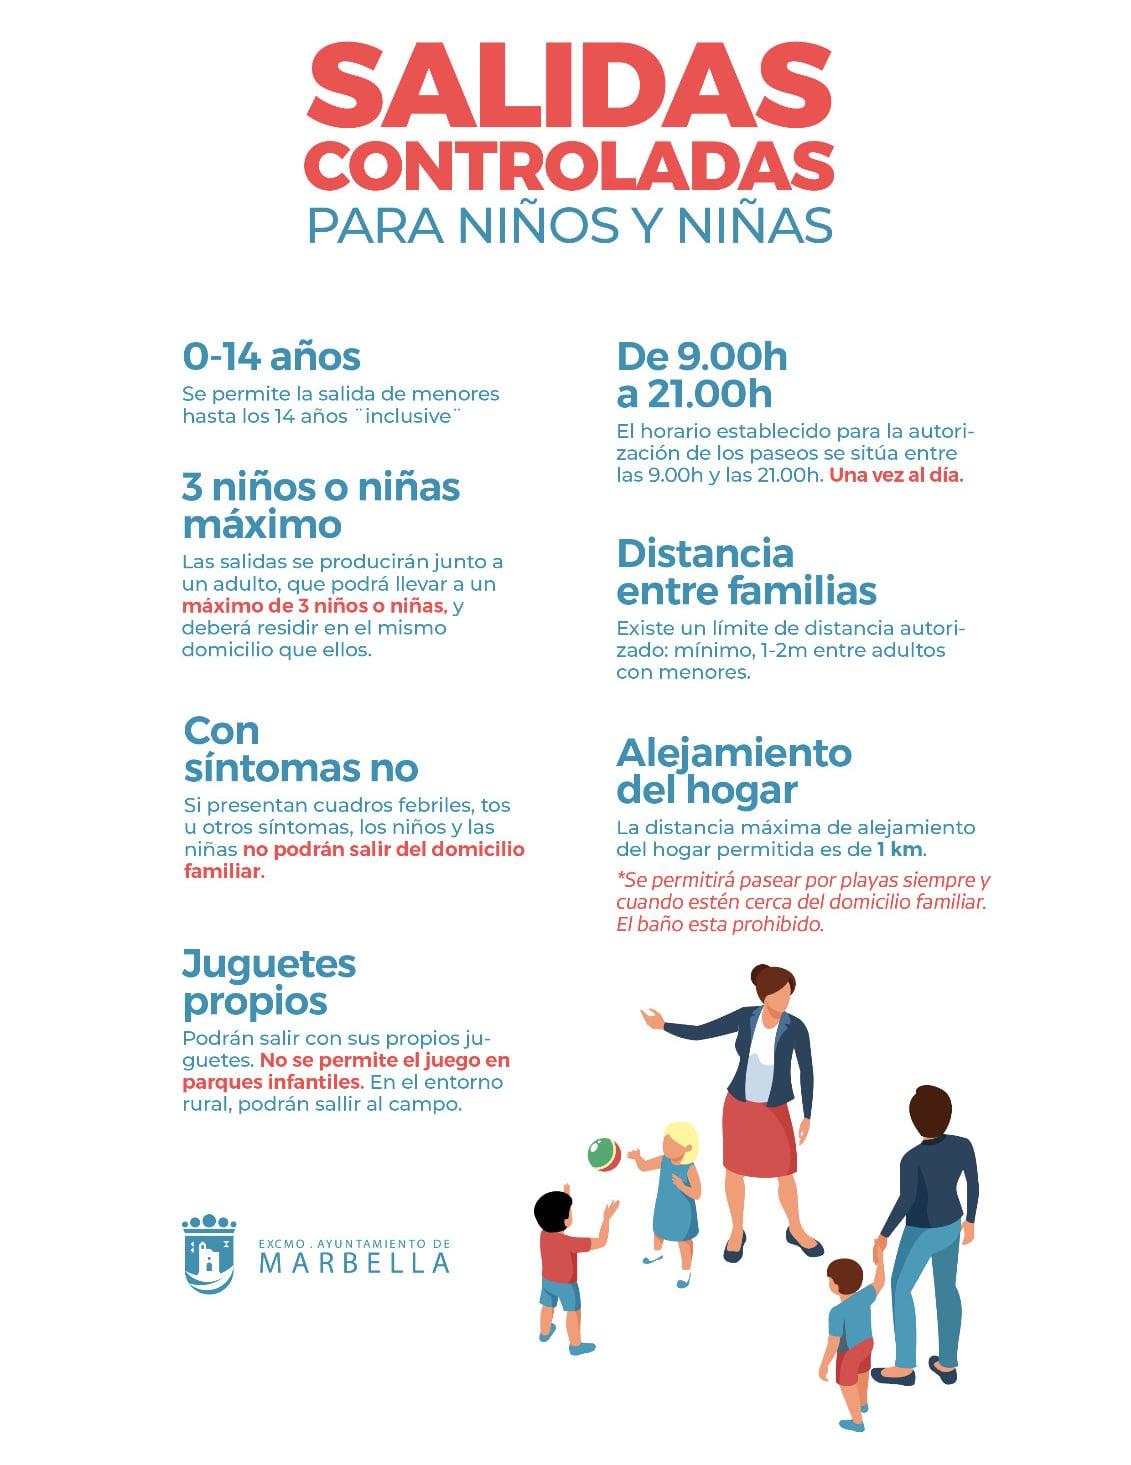 El Ayuntamiento ultima los preparativos para las salidas controladas de los menores a partir del domingo